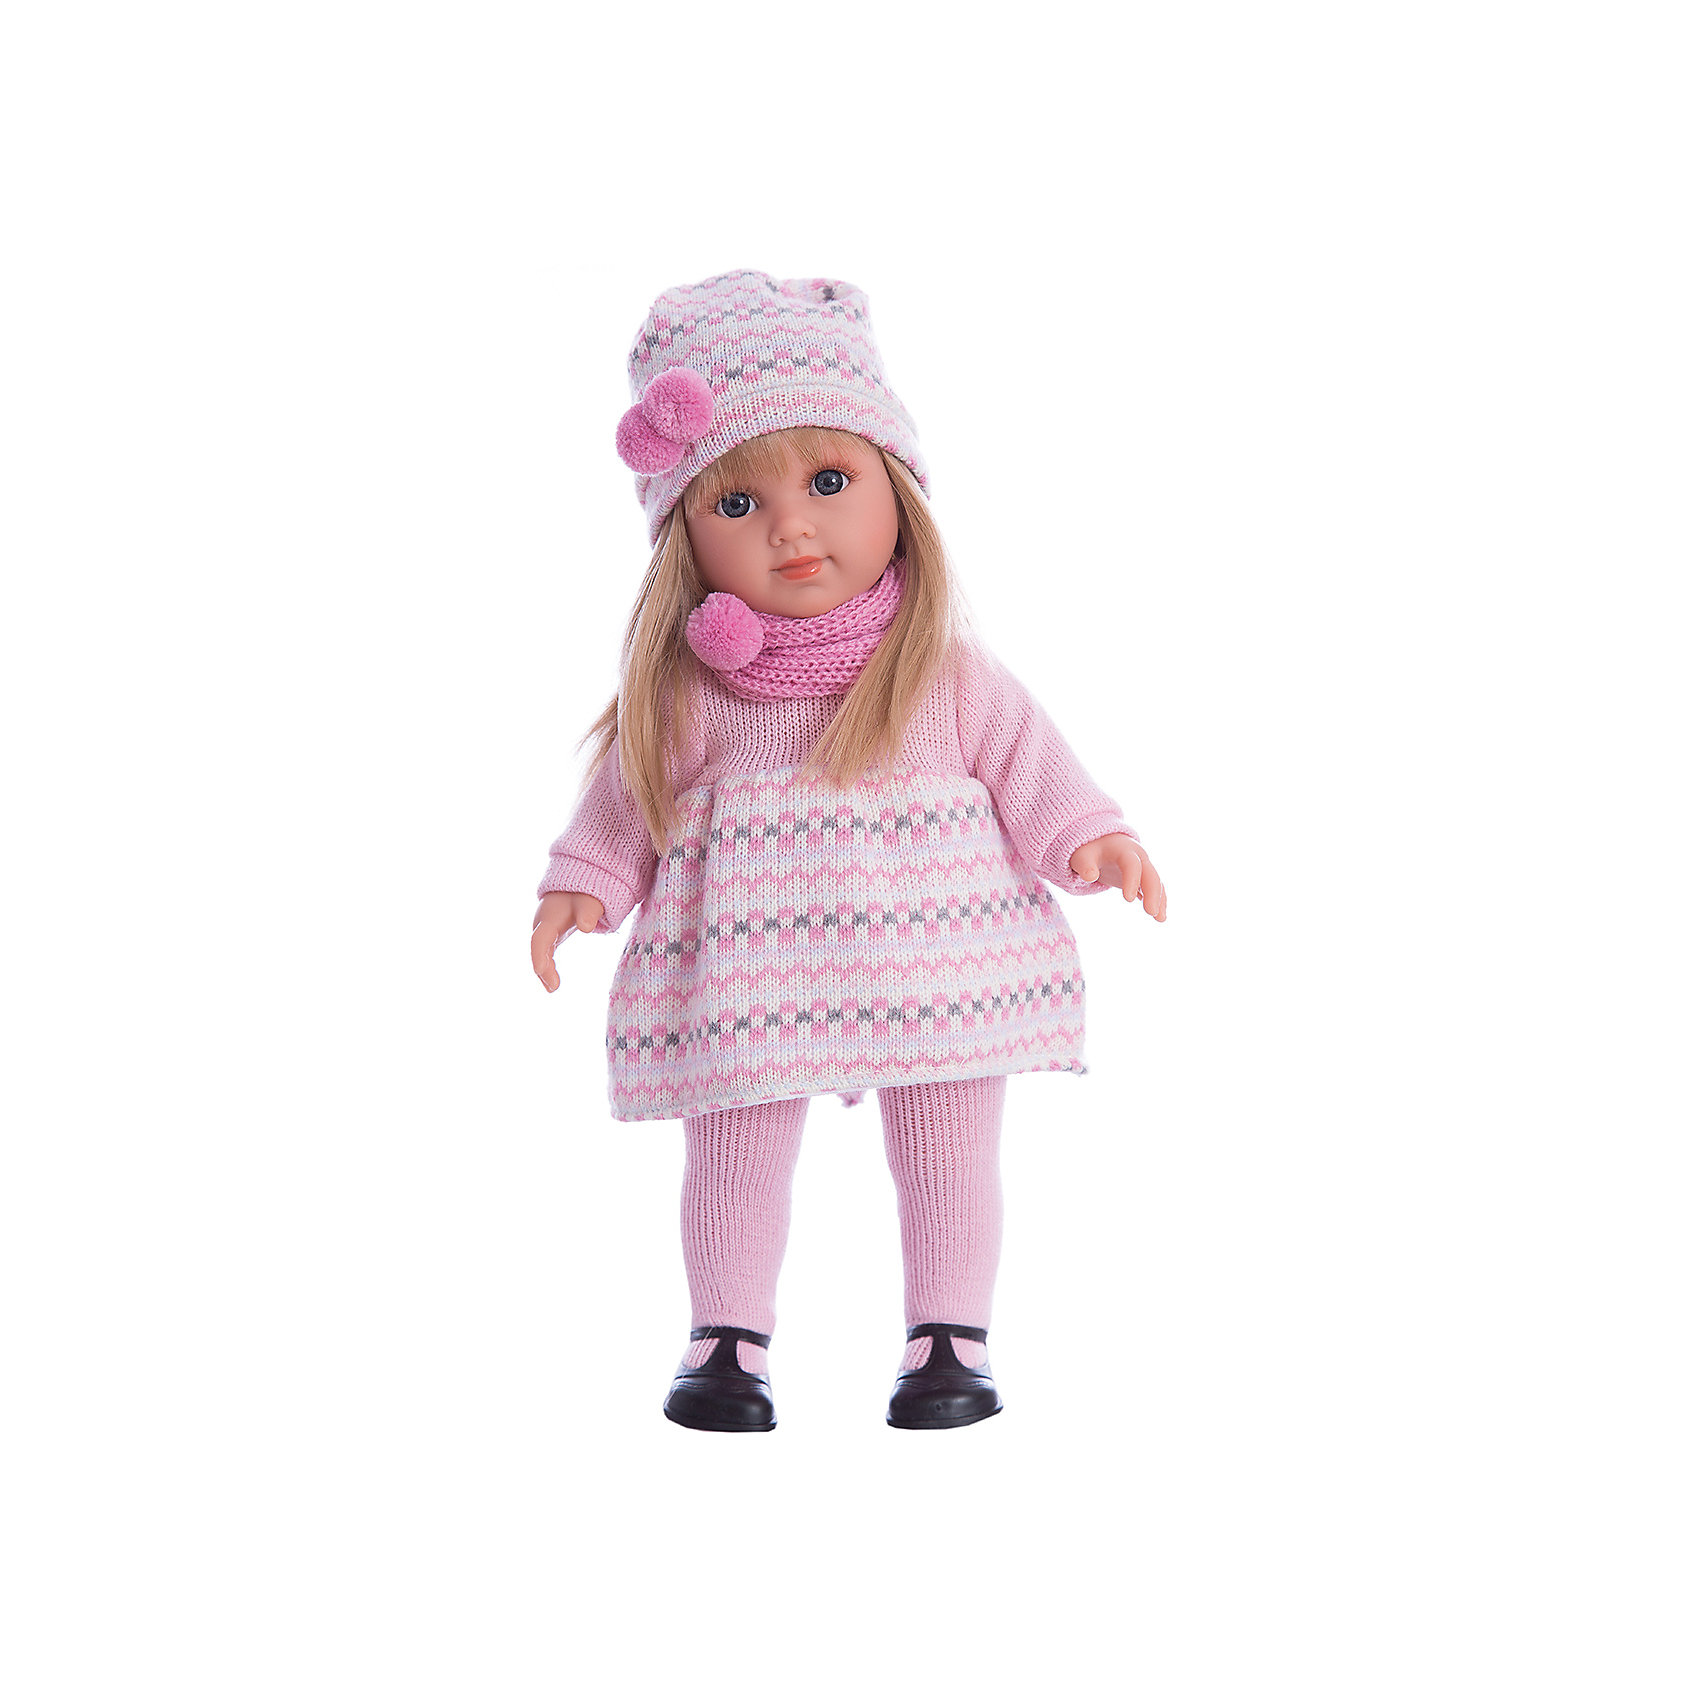 Кукла Елена, 35 см, LlorensХарактеристики товара:<br><br>- цвет: разноцветный;<br>- материал: винил, текстиль;<br>- мягконабивное тело, пластиковые руки, ноги, голова;<br>- комплектация: кукла, одежда, красивая коробка;<br>- размер куклы: 35 см.<br><br>Эти симпатичные куклы от известного испанского бренда не оставят девочку равнодушной! Какая девочка сможет отказаться поиграть с куклой, которая выглядит и ведет себя почти как настоящий ребенок?! Игрушка отлично детализирована, очень качественно выполнена, поэтому она станет замечательным подарком ребенку. <br>Кукла красиво одета, у неё шелковистые волосы, которые можно расчесывать. Продается она в красивой подарочной коробке. Изделие произведено из высококачественного материала, безопасного для детей.<br><br>Куклу Елена, 35 см, от бренда Llorens можно купить в нашем интернет-магазине.<br><br>Ширина мм: 22<br>Глубина мм: 43<br>Высота мм: 10<br>Вес г: 950<br>Возраст от месяцев: 36<br>Возраст до месяцев: 84<br>Пол: Женский<br>Возраст: Детский<br>SKU: 5086943